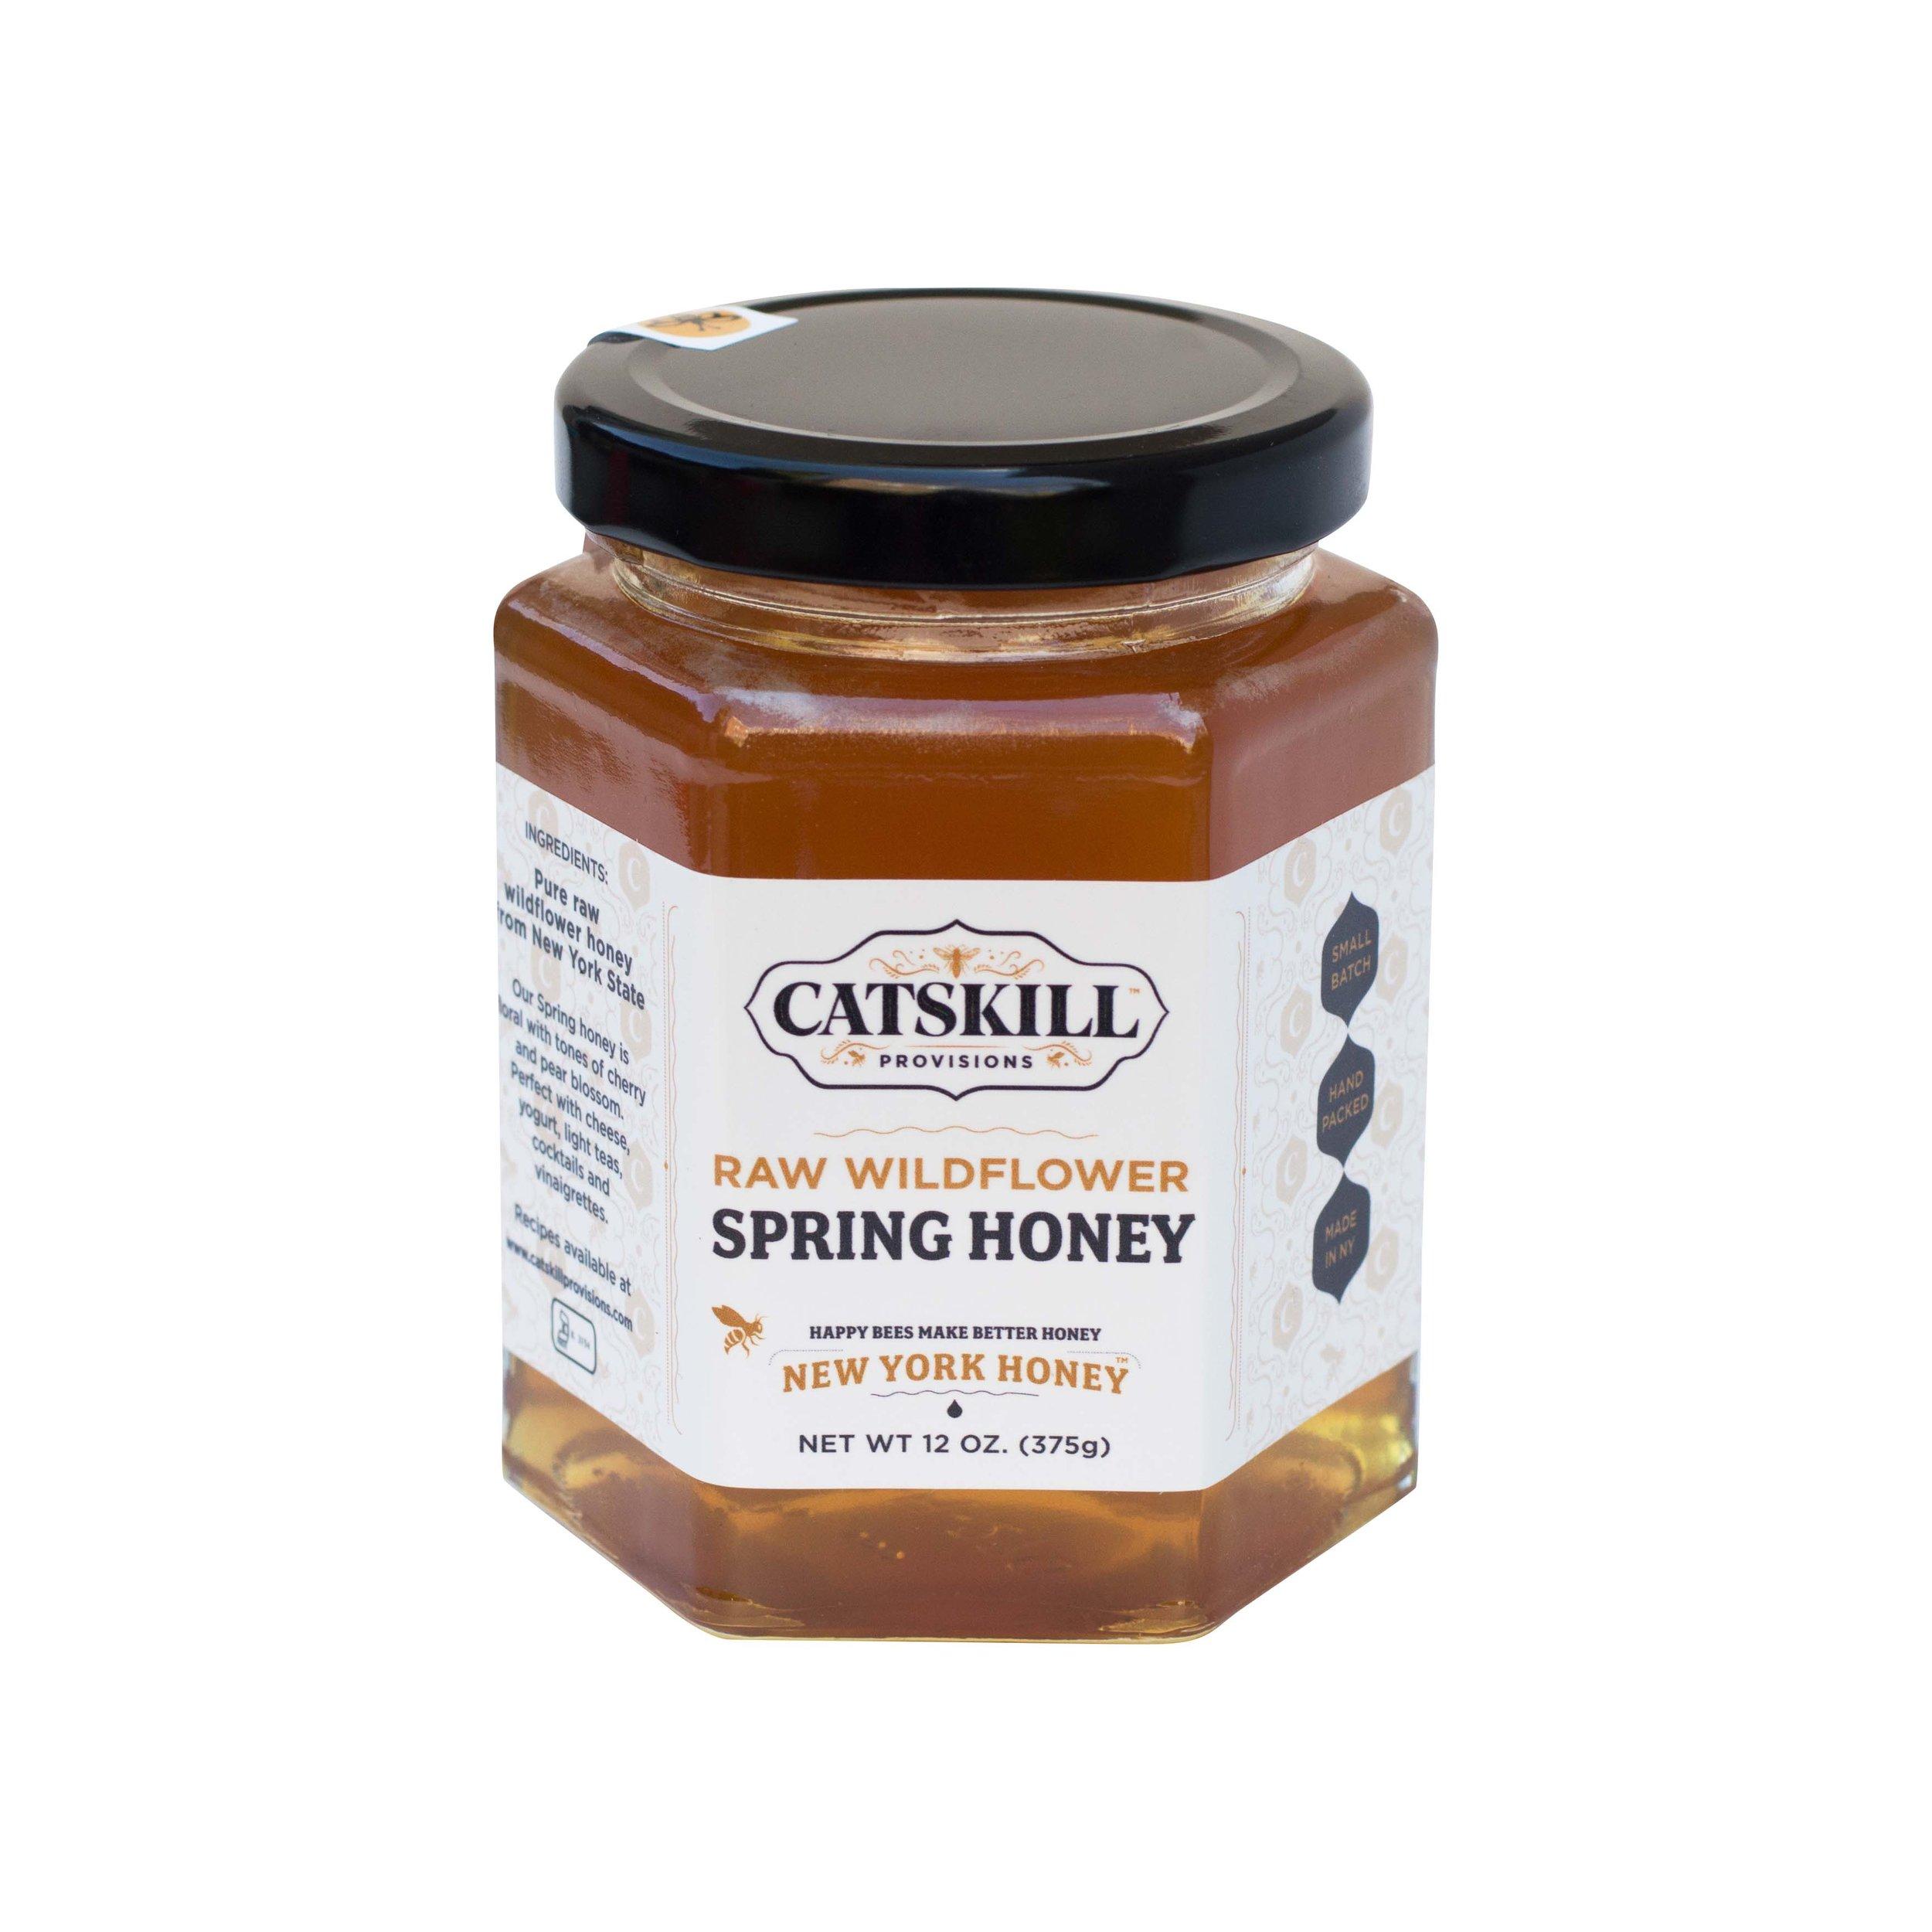 Catskill Provisions Spring Honey.jpg